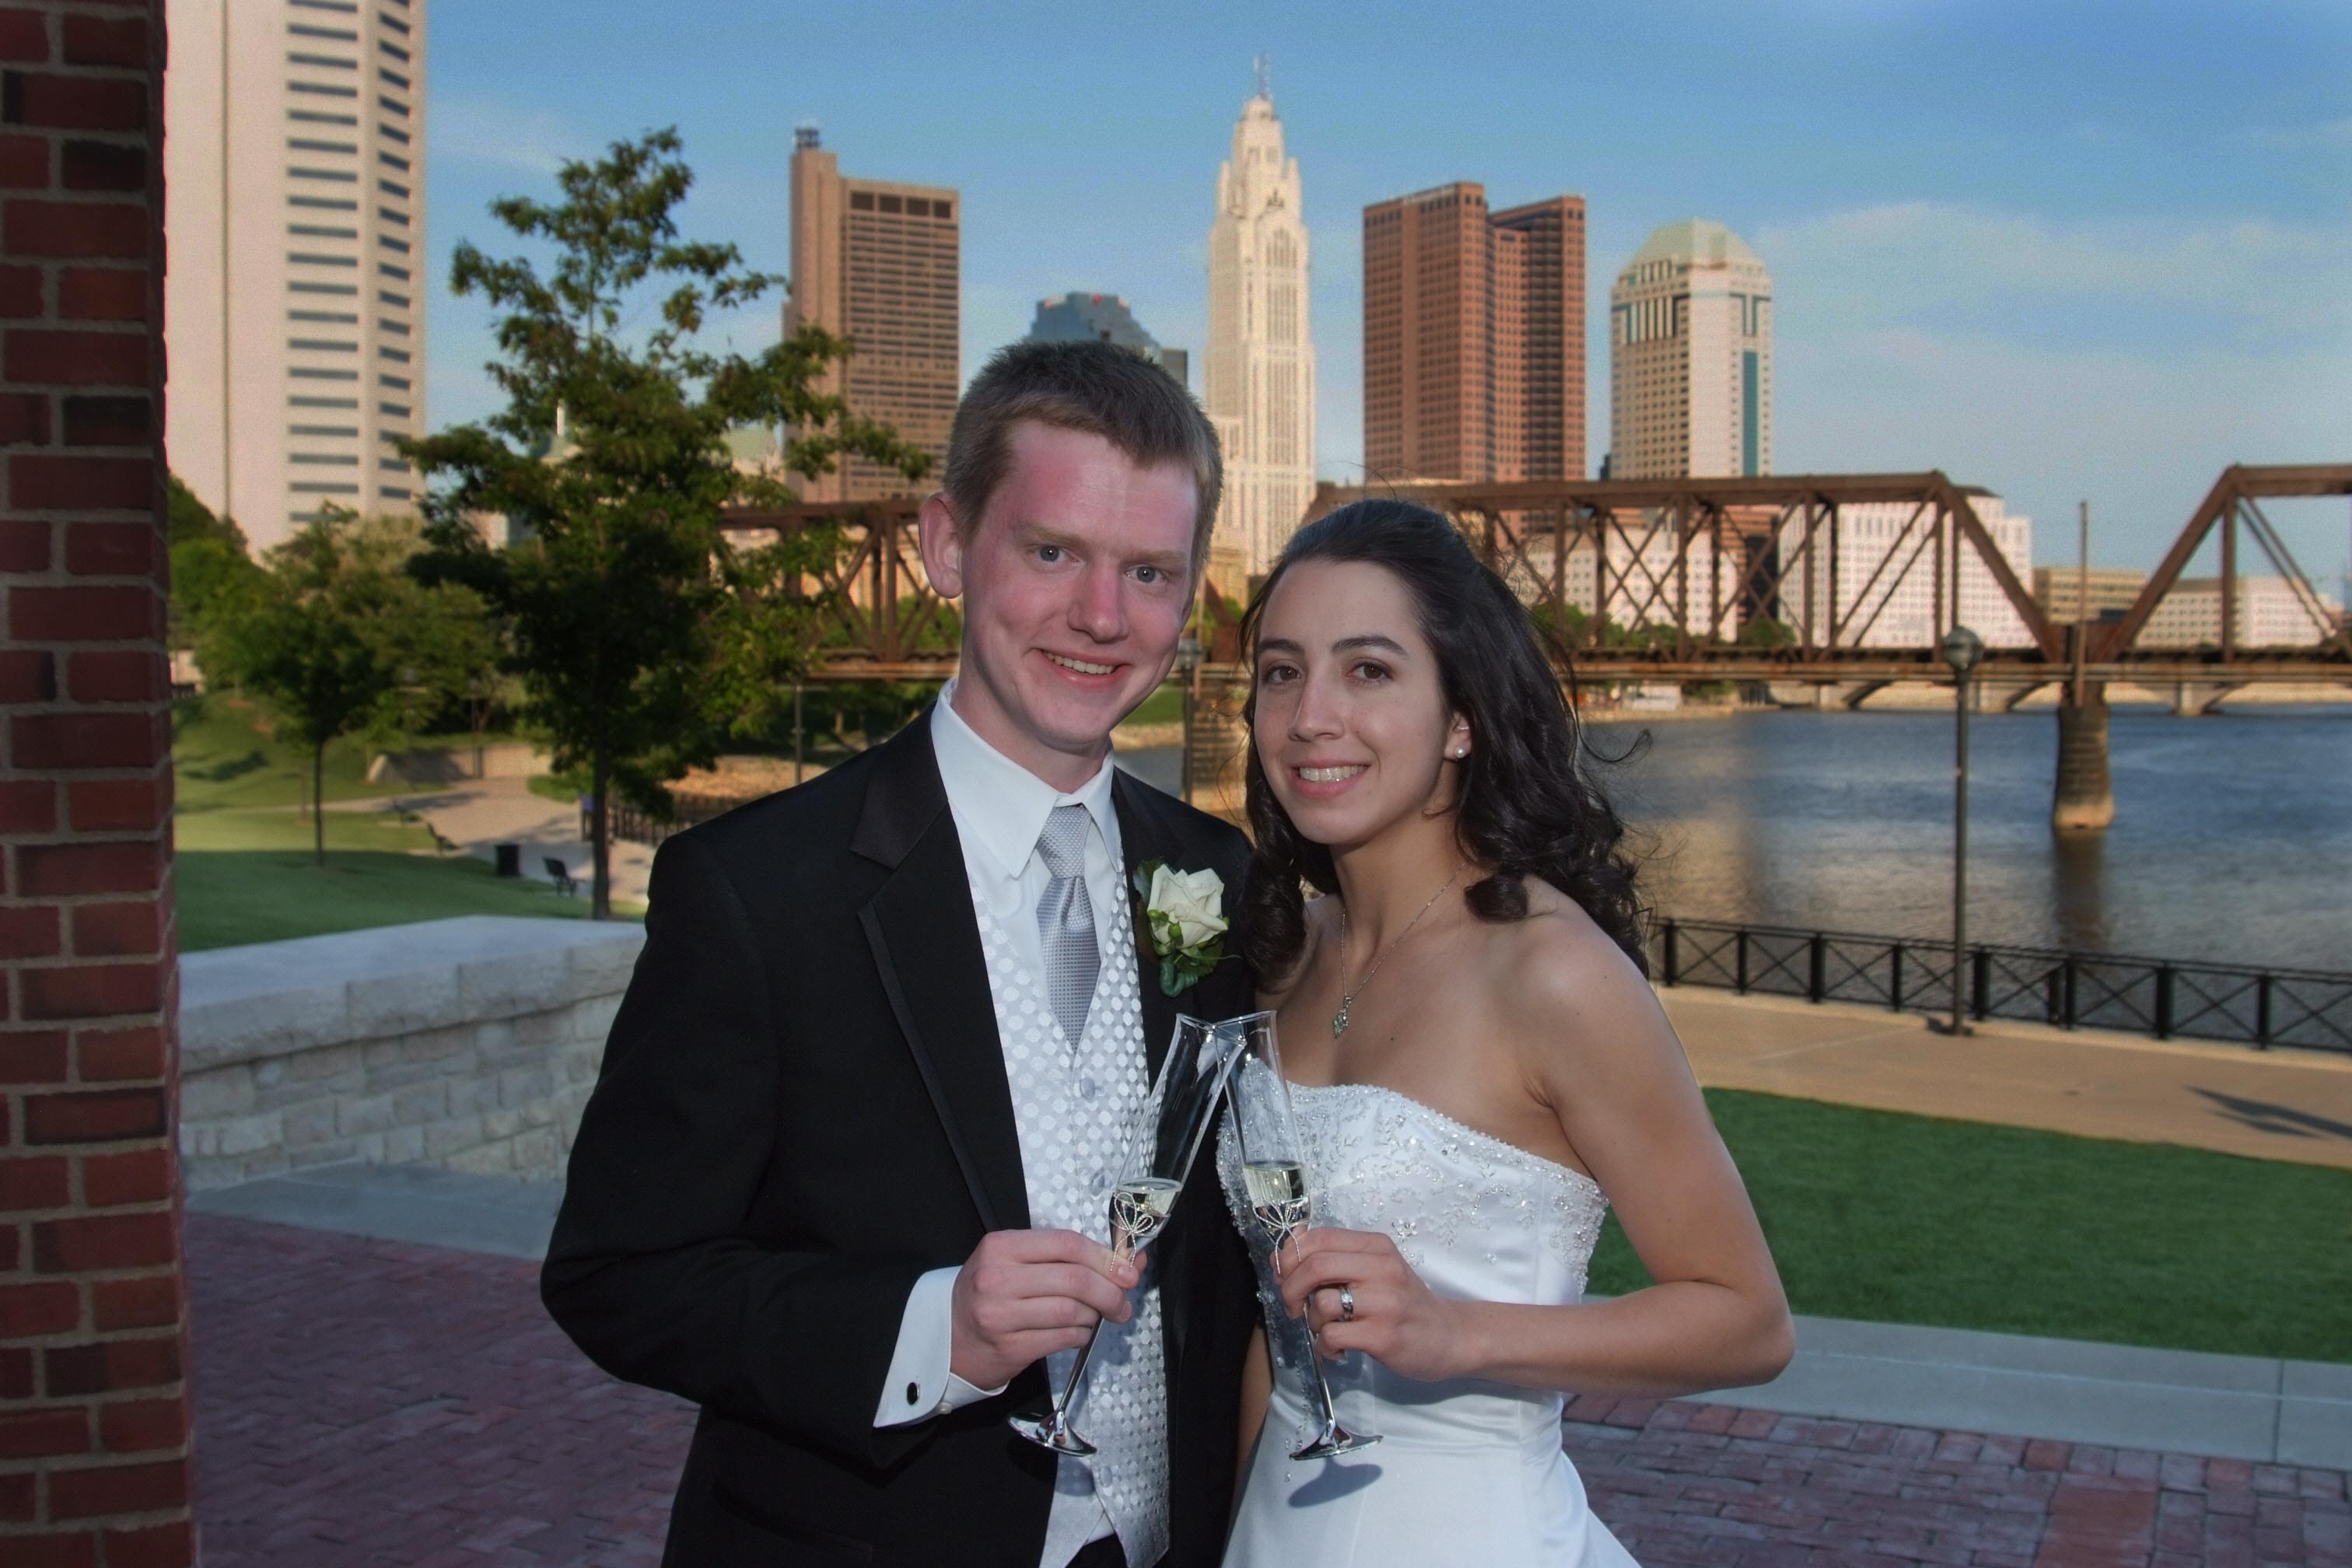 Ceremony, Flowers & Decor, Wedding Dresses, Fashion, white, black, silver, dress, Toasting, Skyline, Ohio, Columbus, Columbus ohio photographer